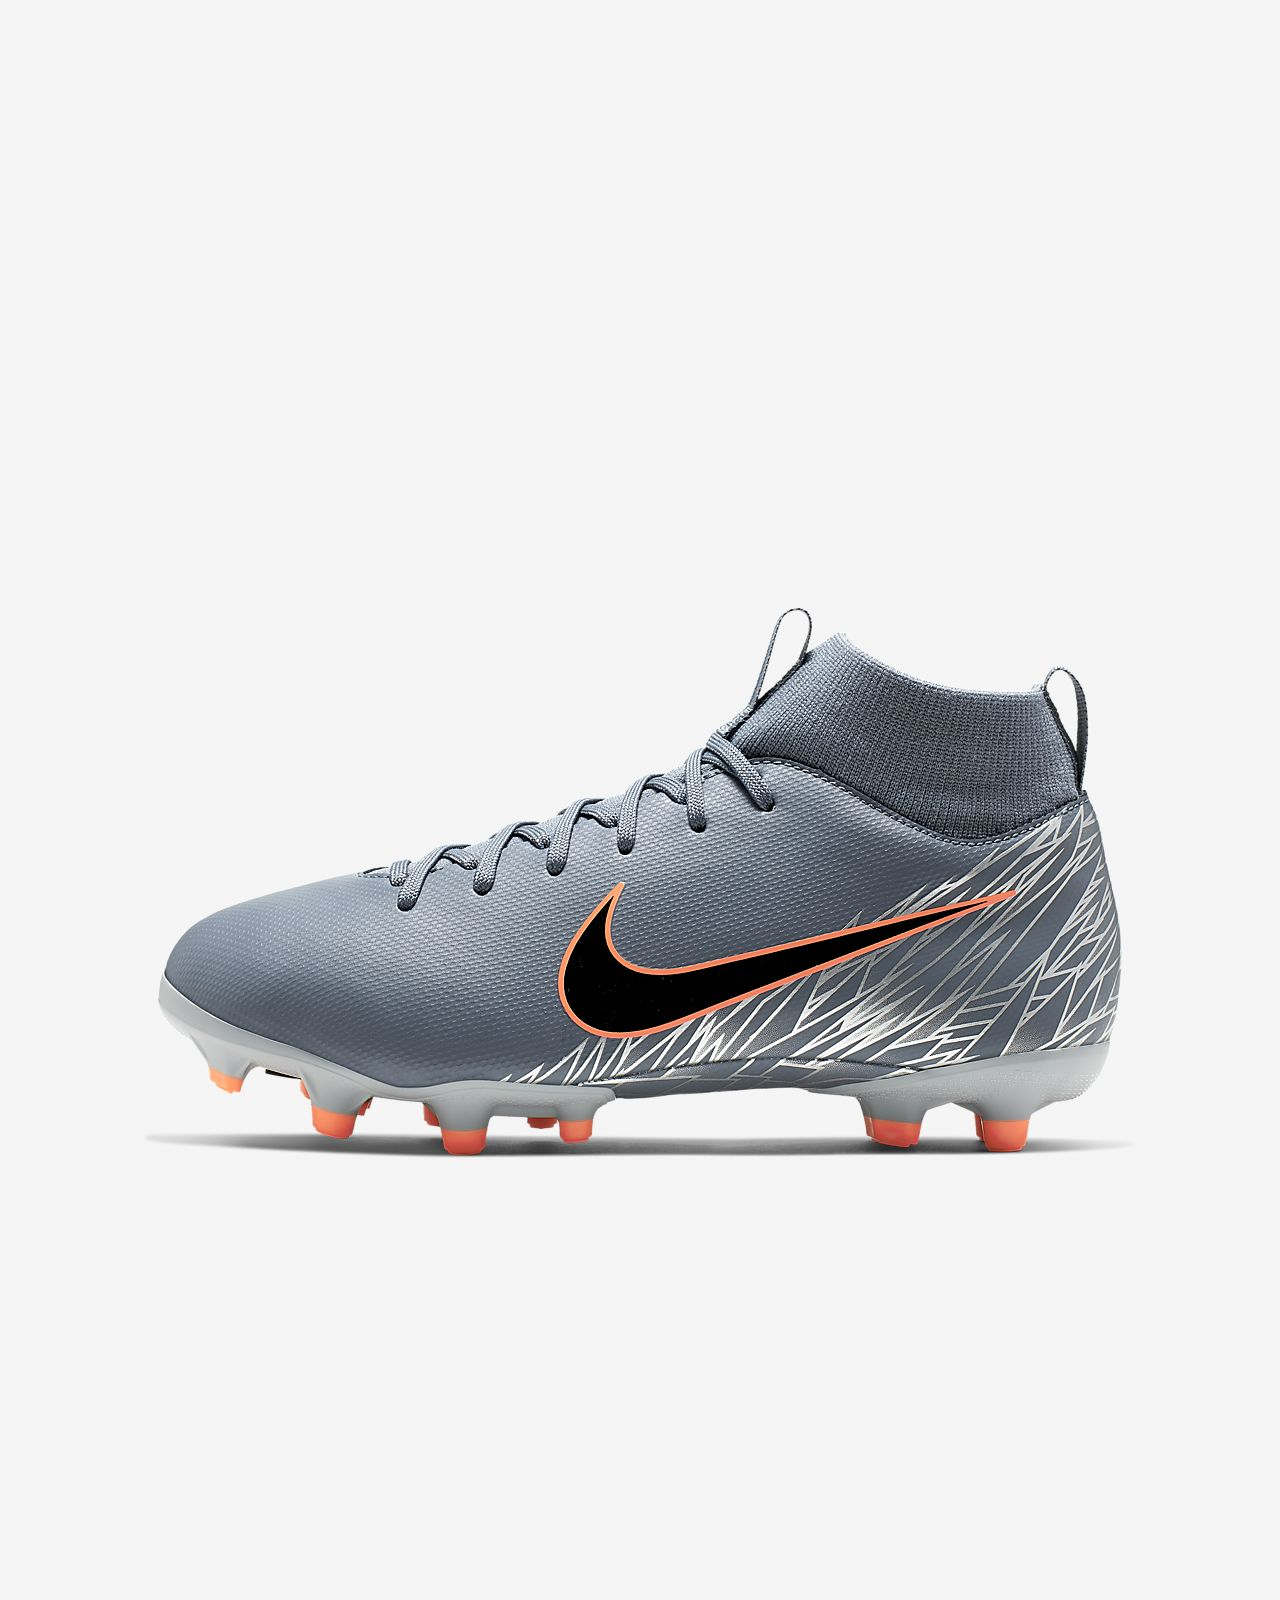 2c31b69c100 ... Calzado de fútbol para múltiples superficies para niños talla  pequeña/grande Nike Jr. Superfly